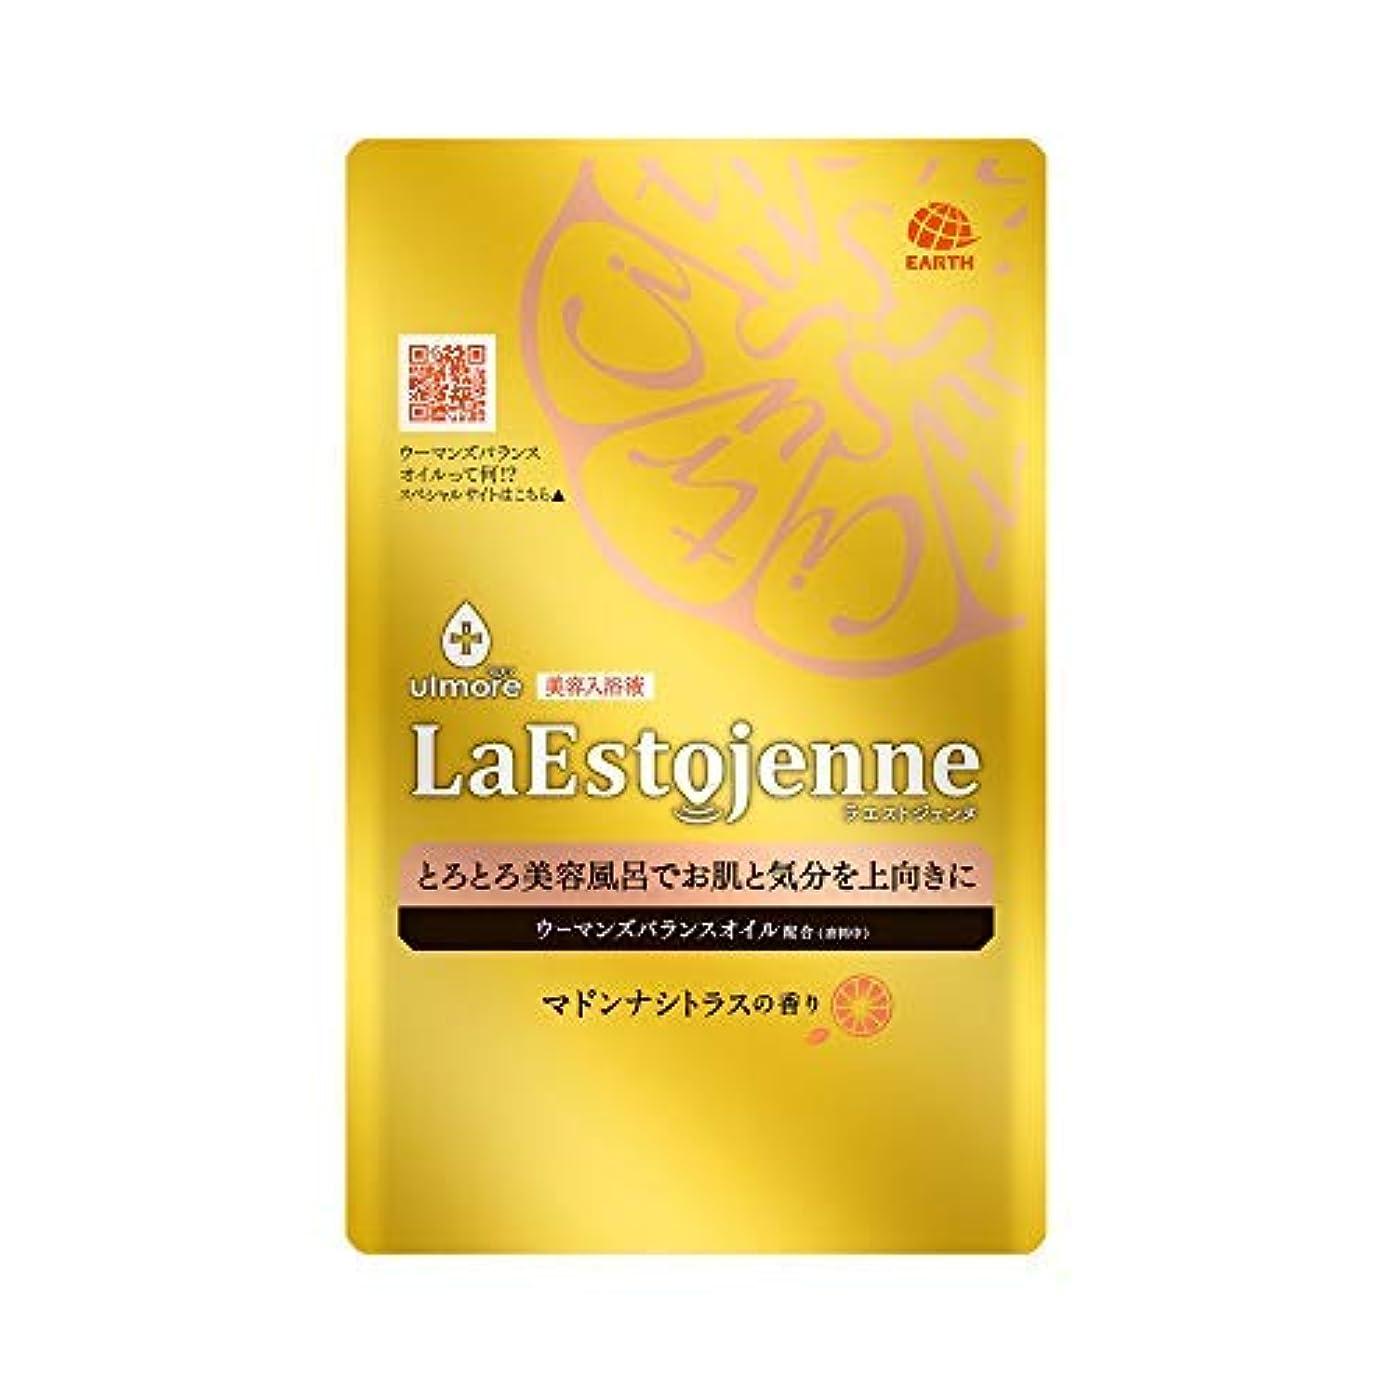 セッションより良い逆にウルモア ラエストジェンヌ マドンナシトラスの香り 1包 × 6個セット